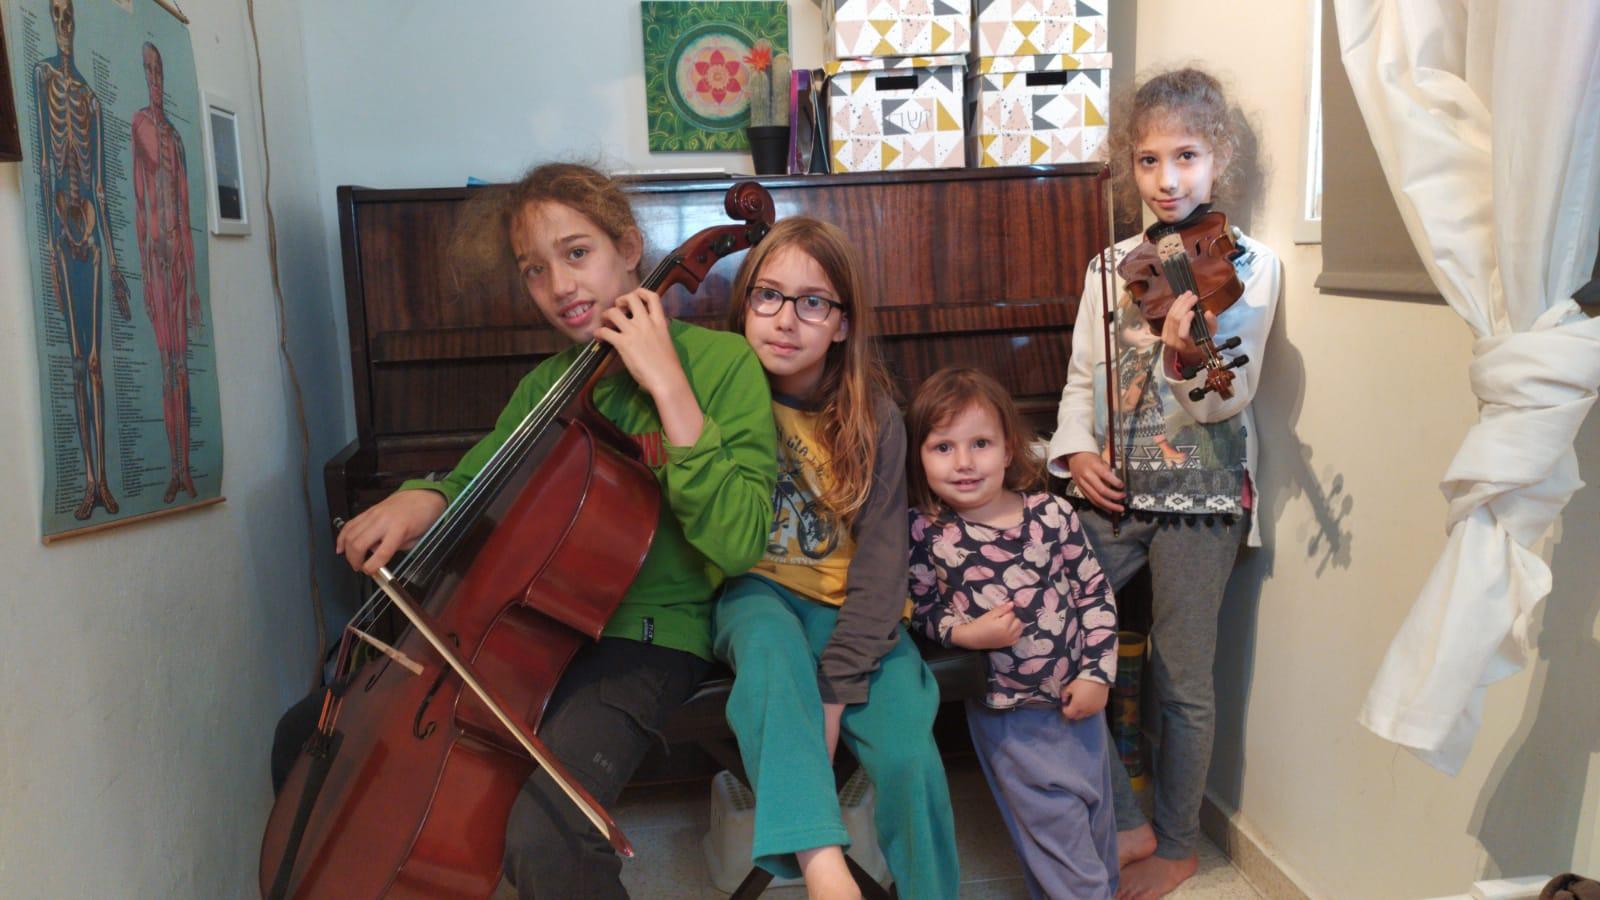 משפחה מנגנת- שחקים עפולה